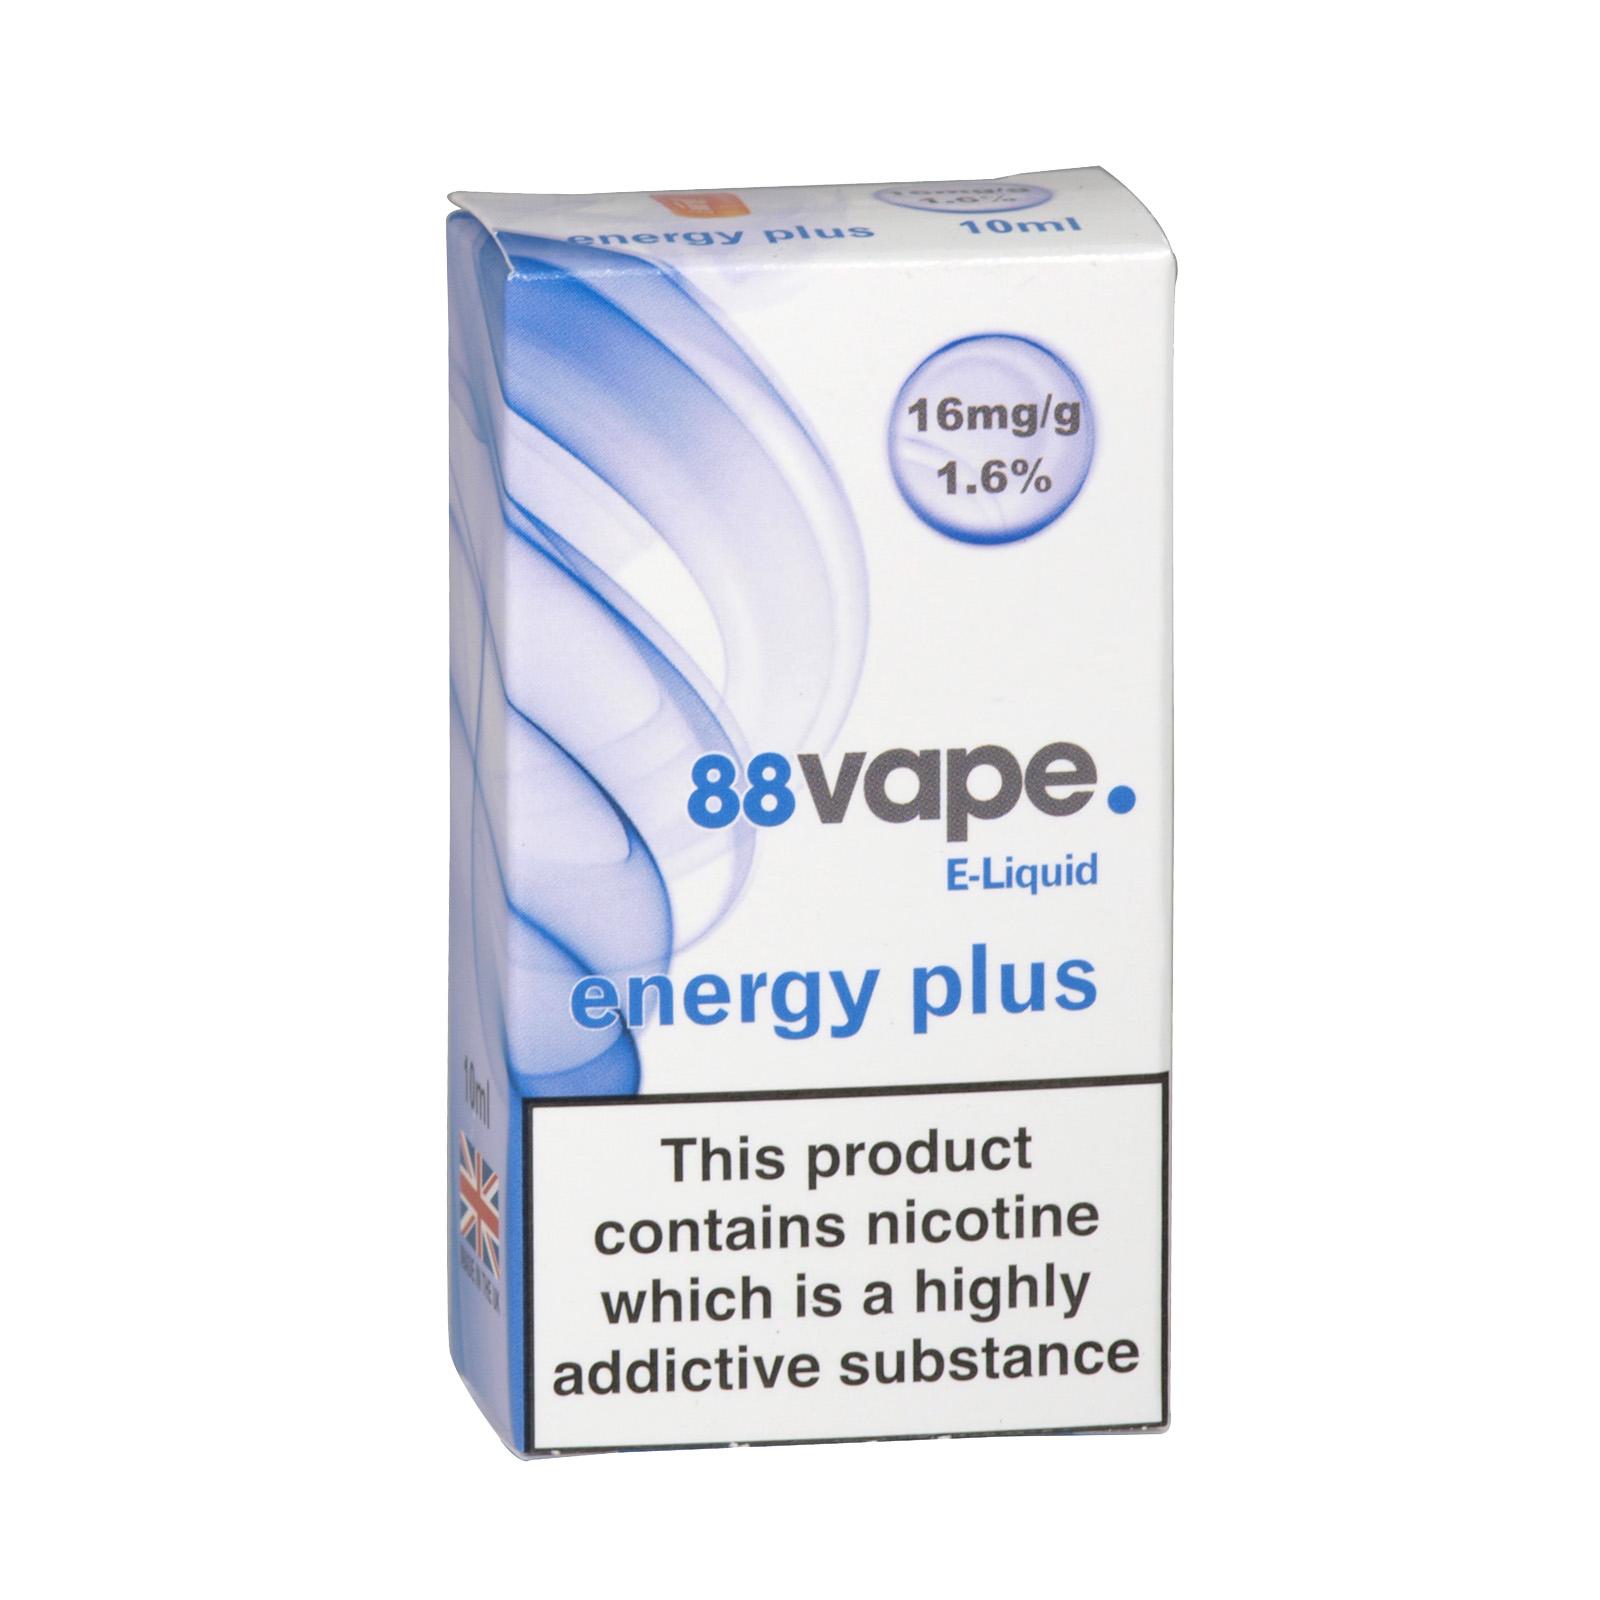 88VAPE 10ML E-LIQUID 16MG ENERGY PLUS